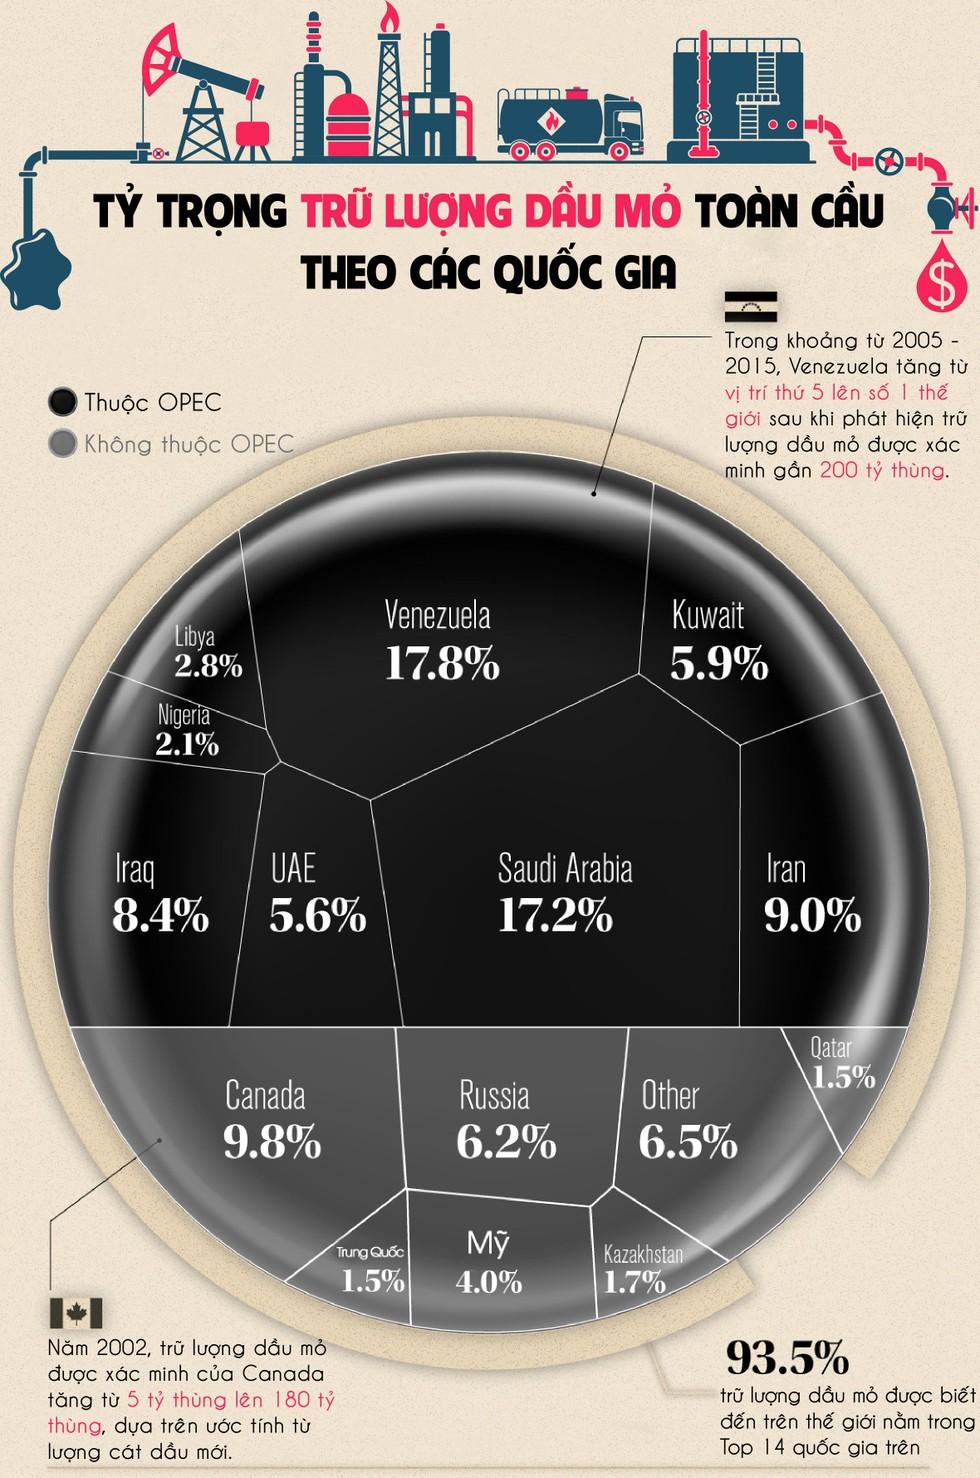 [Infographic] Tỷ trọng trữ lượng dầu mỏ toàn cầu theo các quốc gia ảnh 1